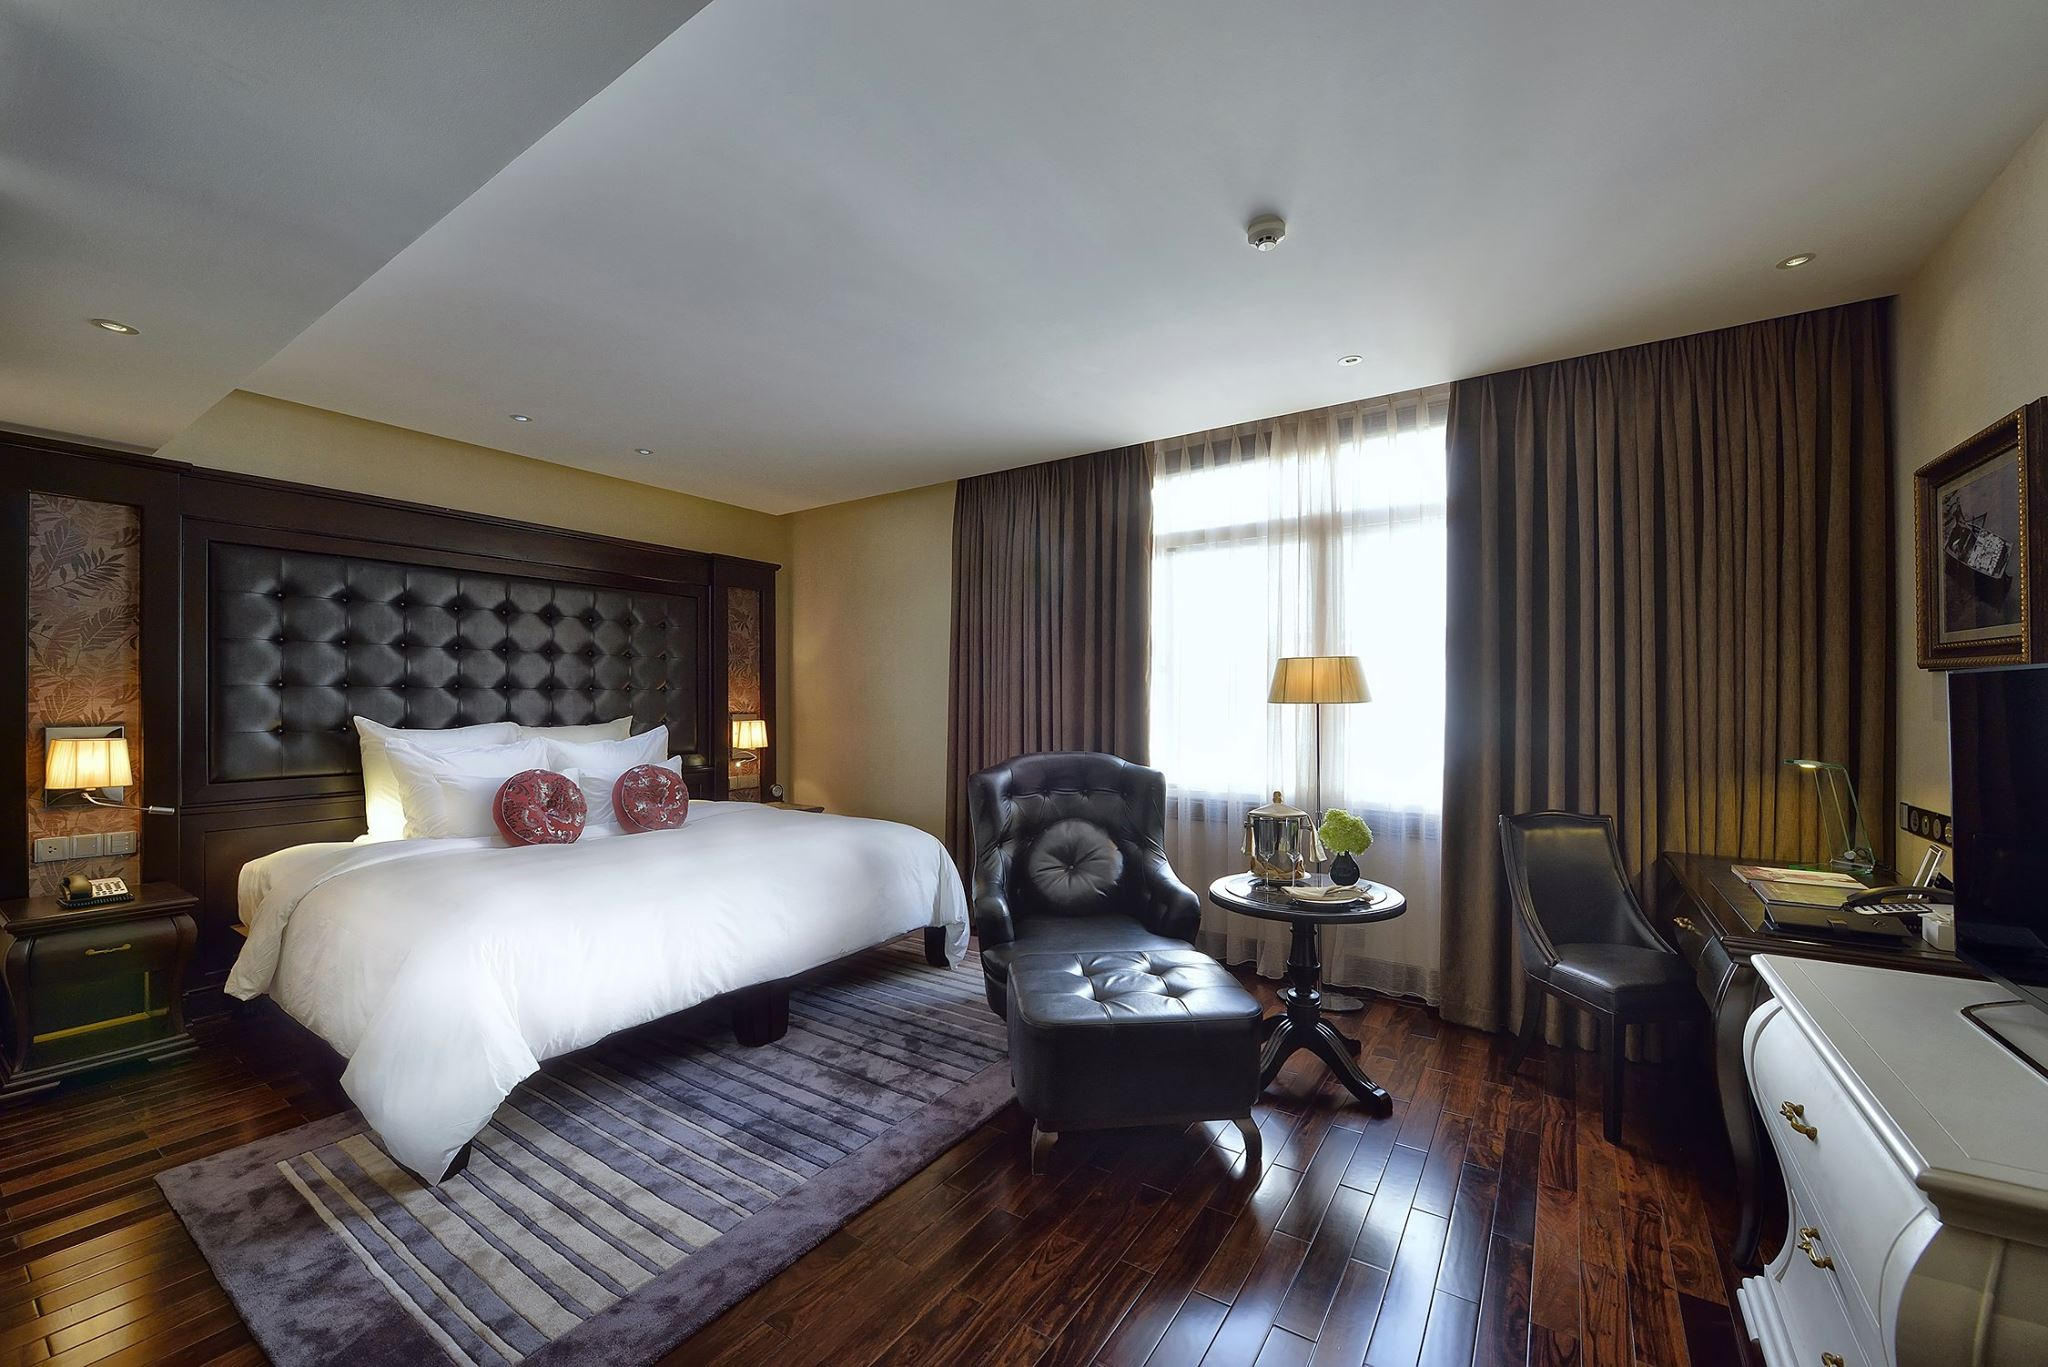 luxury hotels in ha long bay